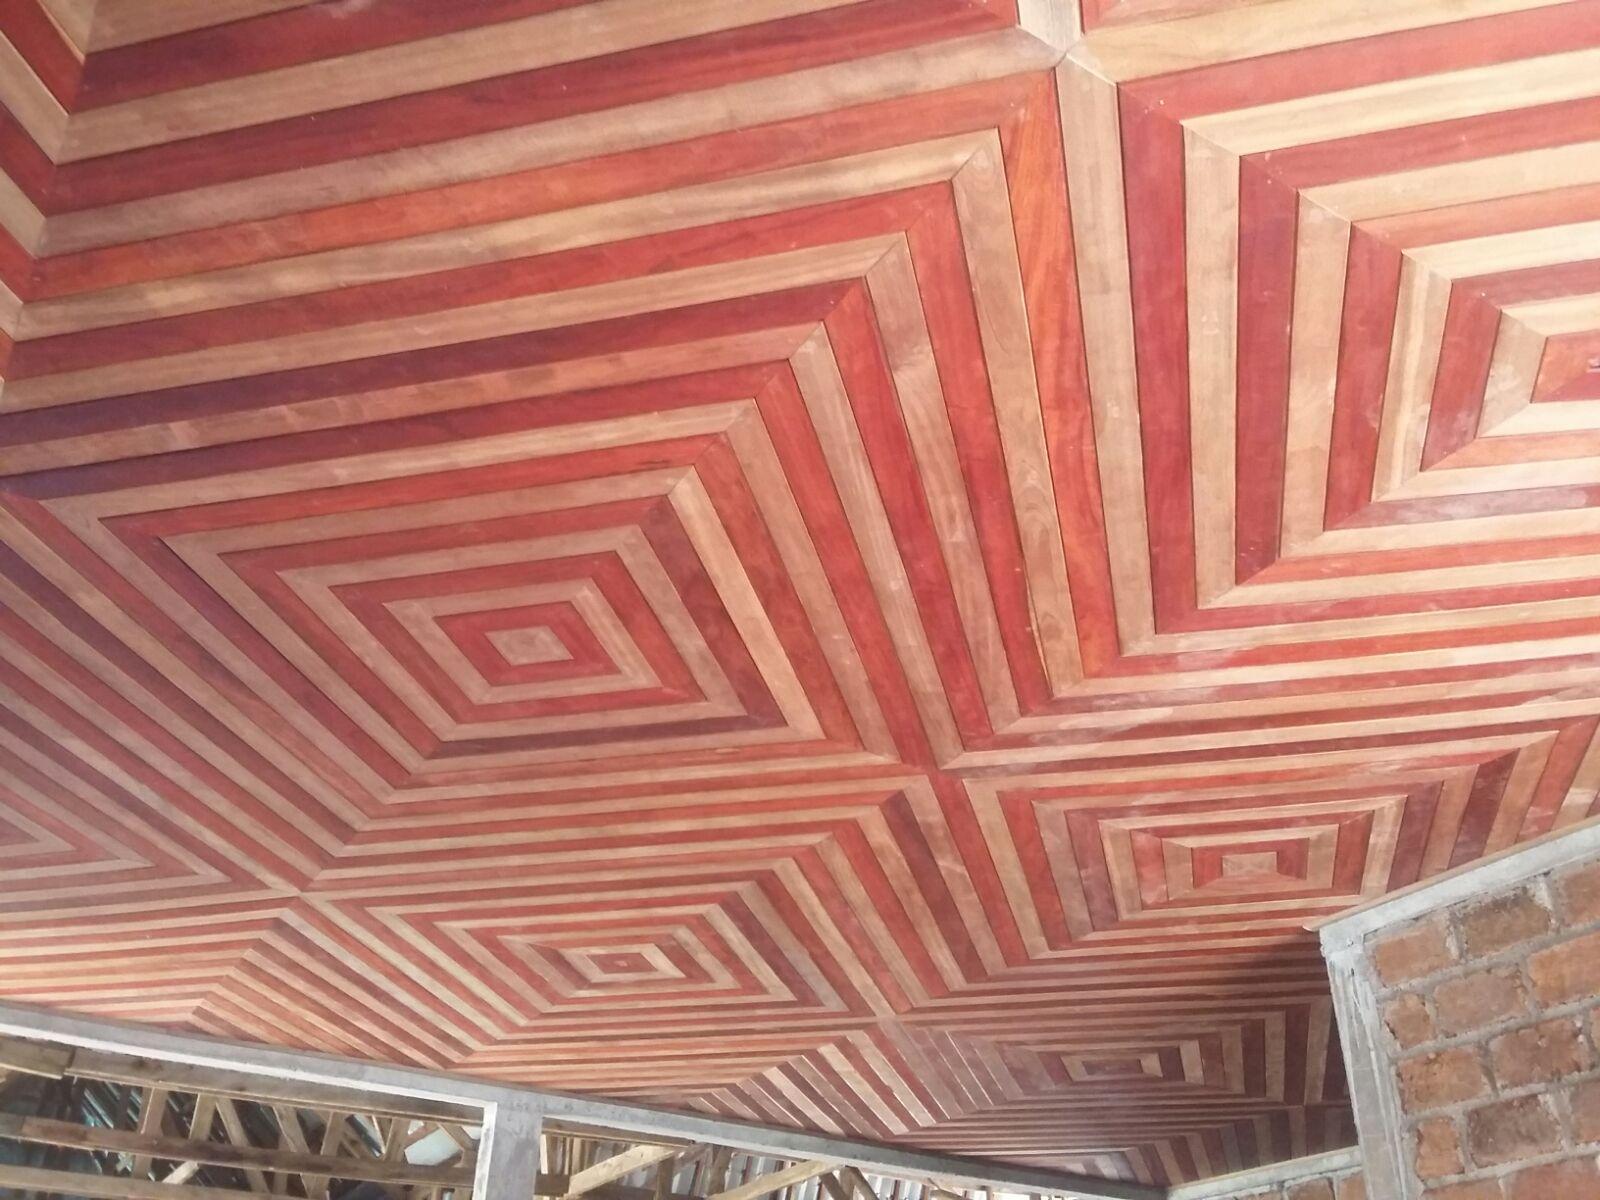 case patrimoniale chefferie bapa suivez l 39 volution du chantier plafonds du mus e. Black Bedroom Furniture Sets. Home Design Ideas